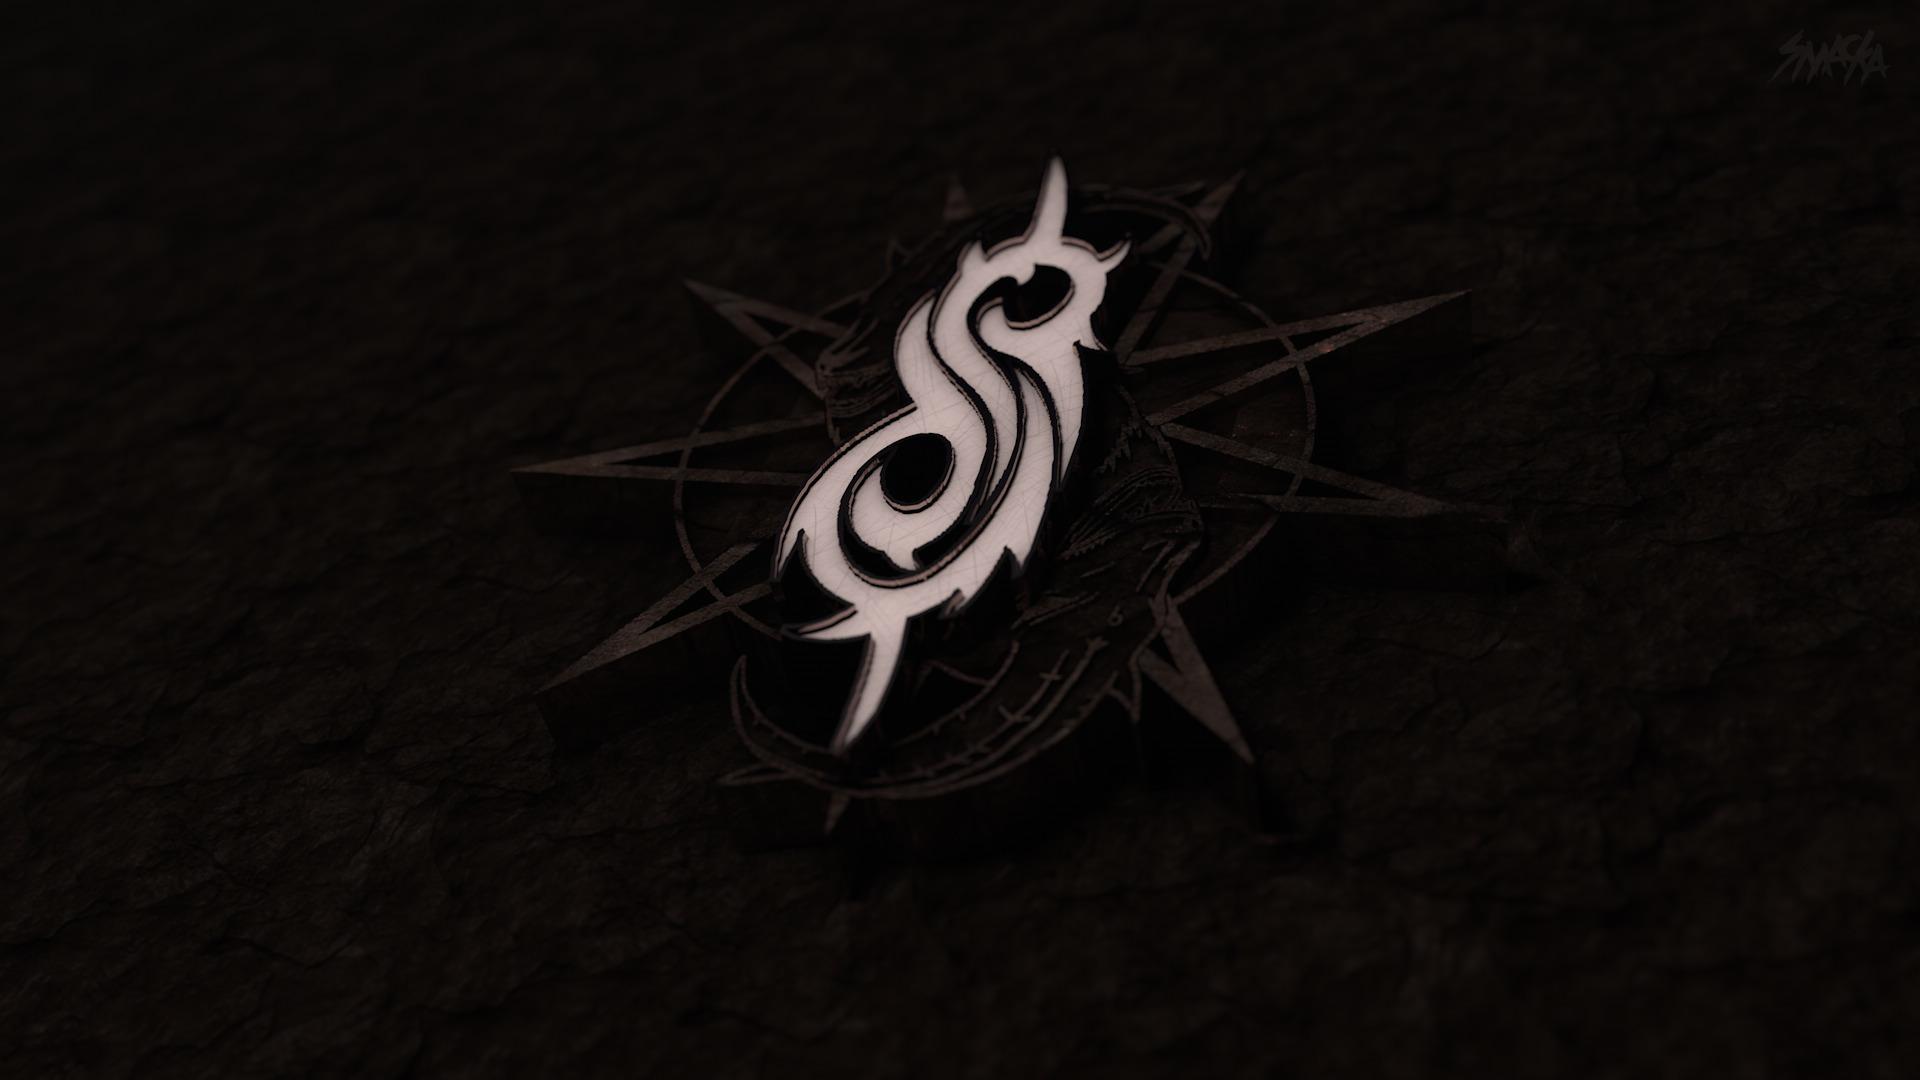 slipknot goat logo wallpaper - photo #7